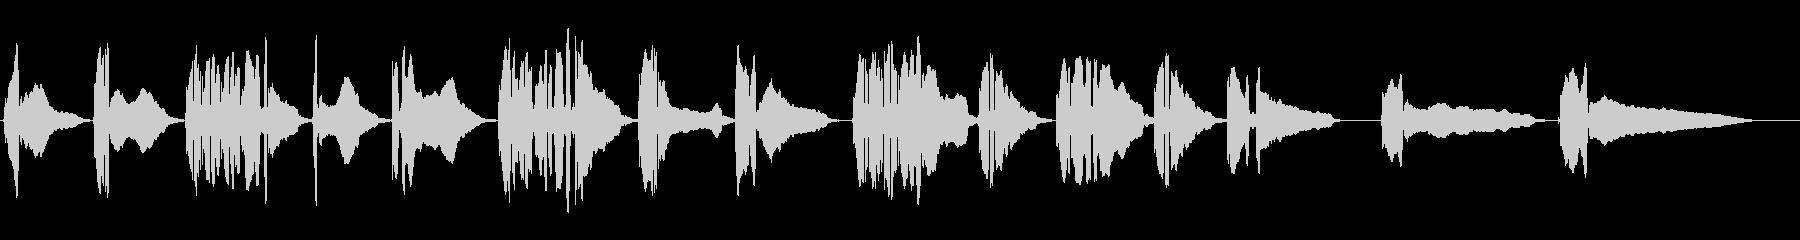 トランペット独奏(スロー)の未再生の波形